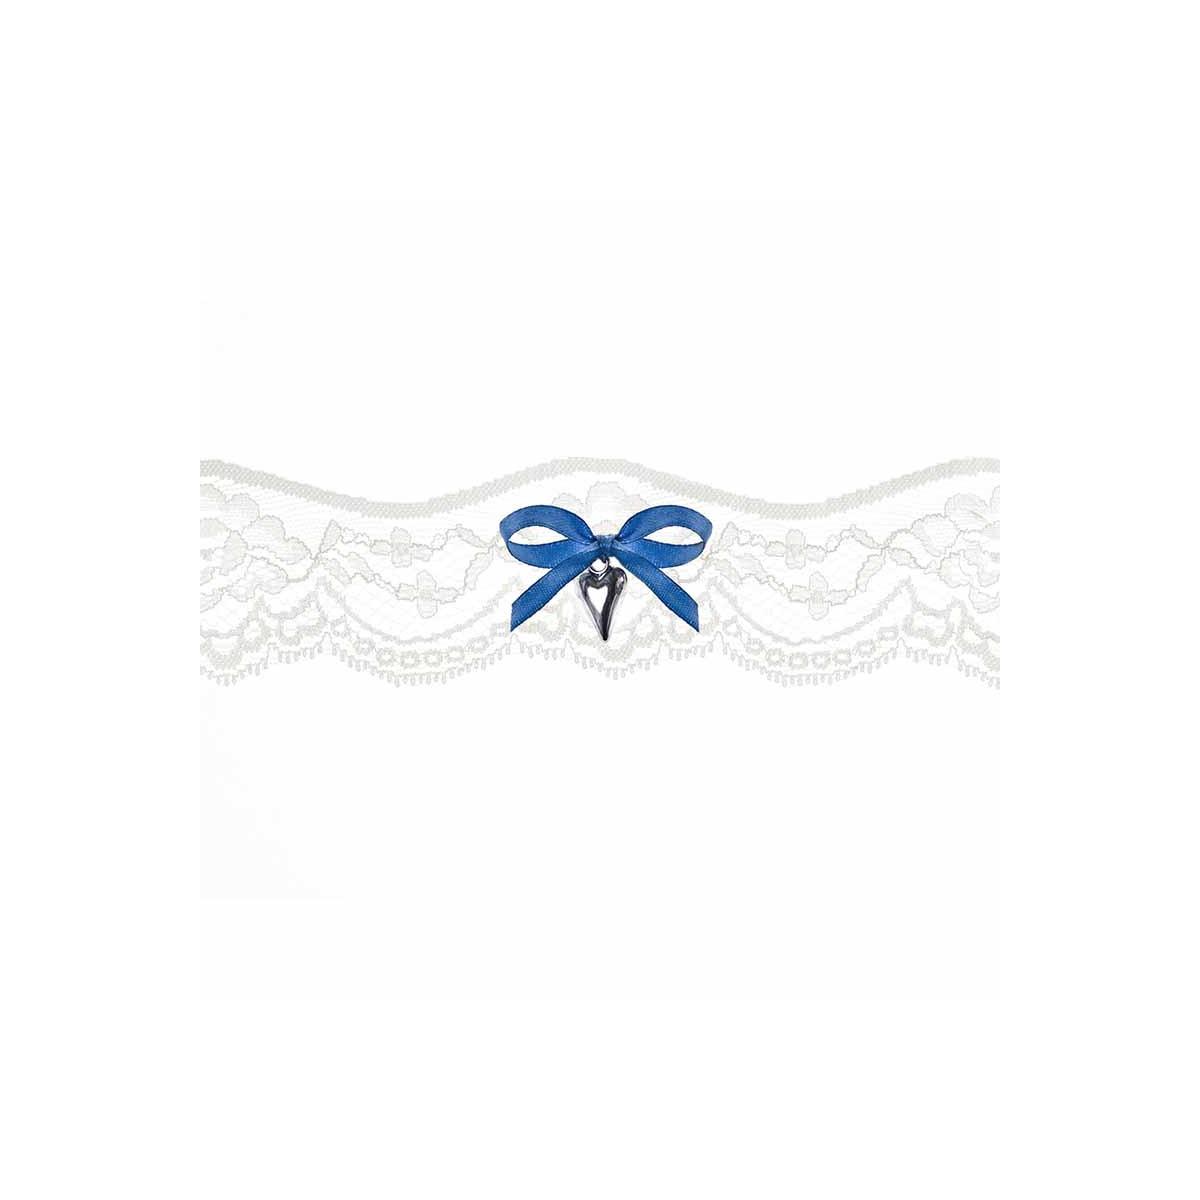 Jarretière Mariage blanche et noeud bleu